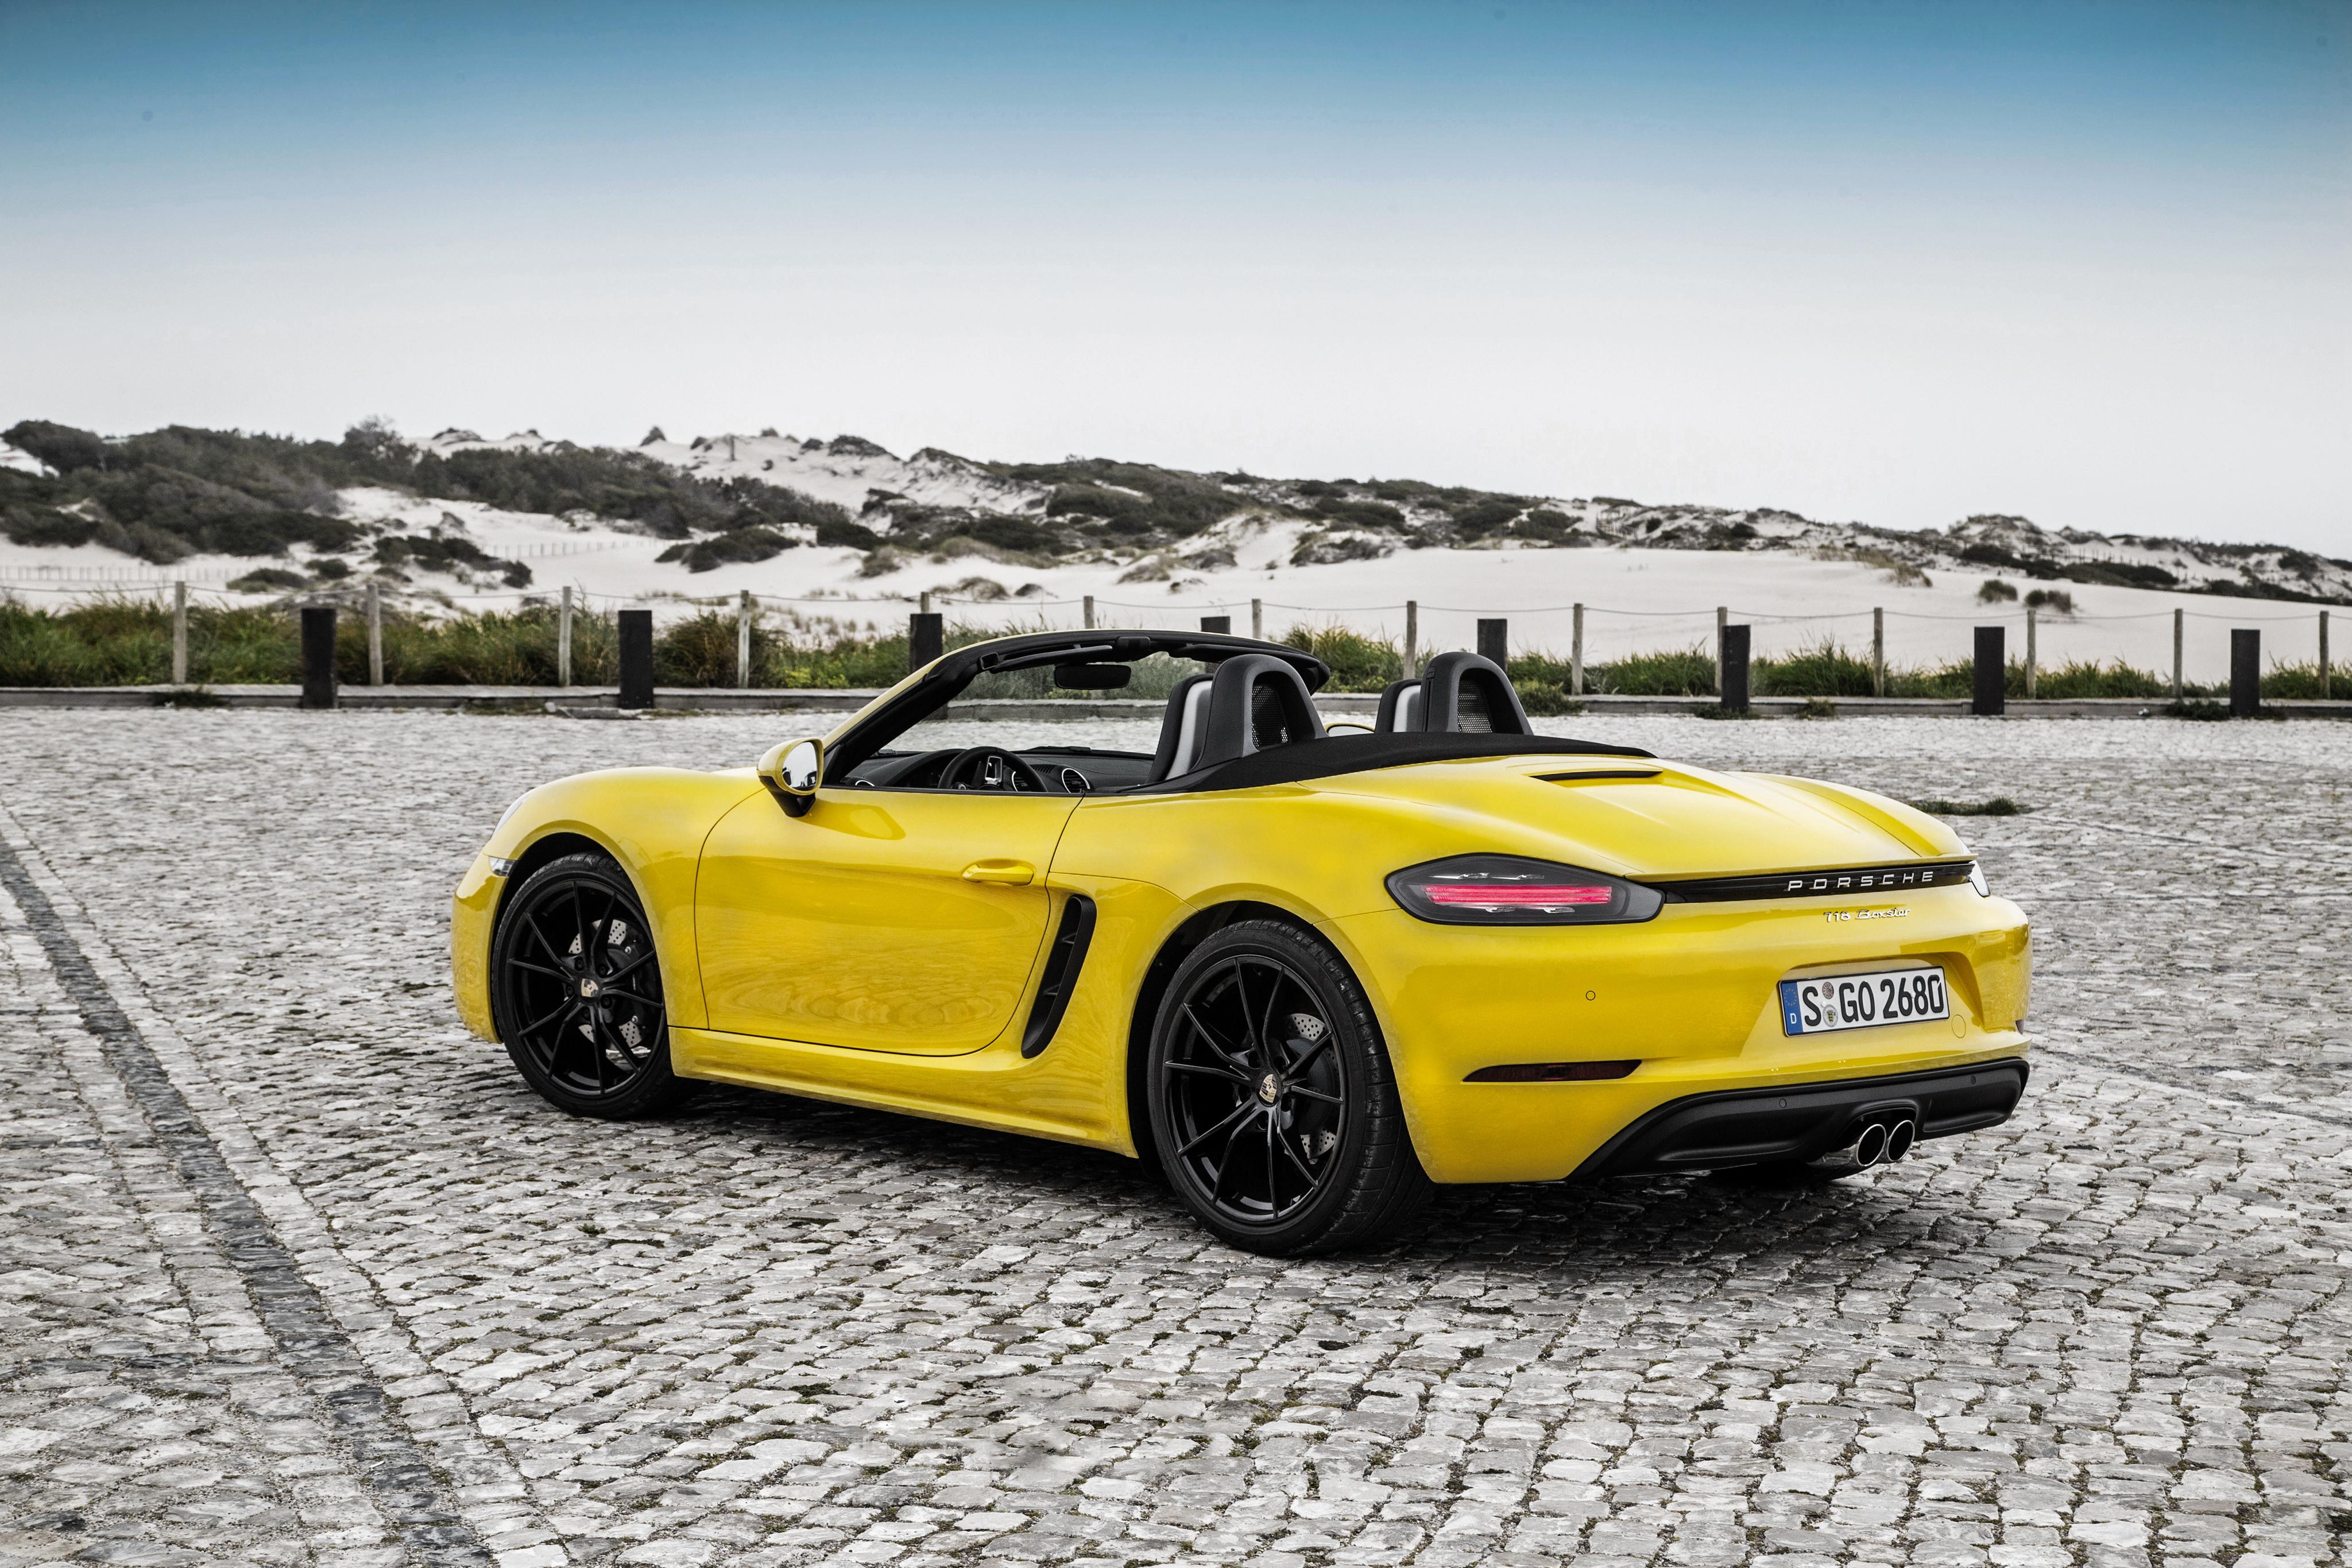 car vehicle yellow Porsche sports car coupe Convertible performance car Porsche Boxster wheel supercar land vehicle